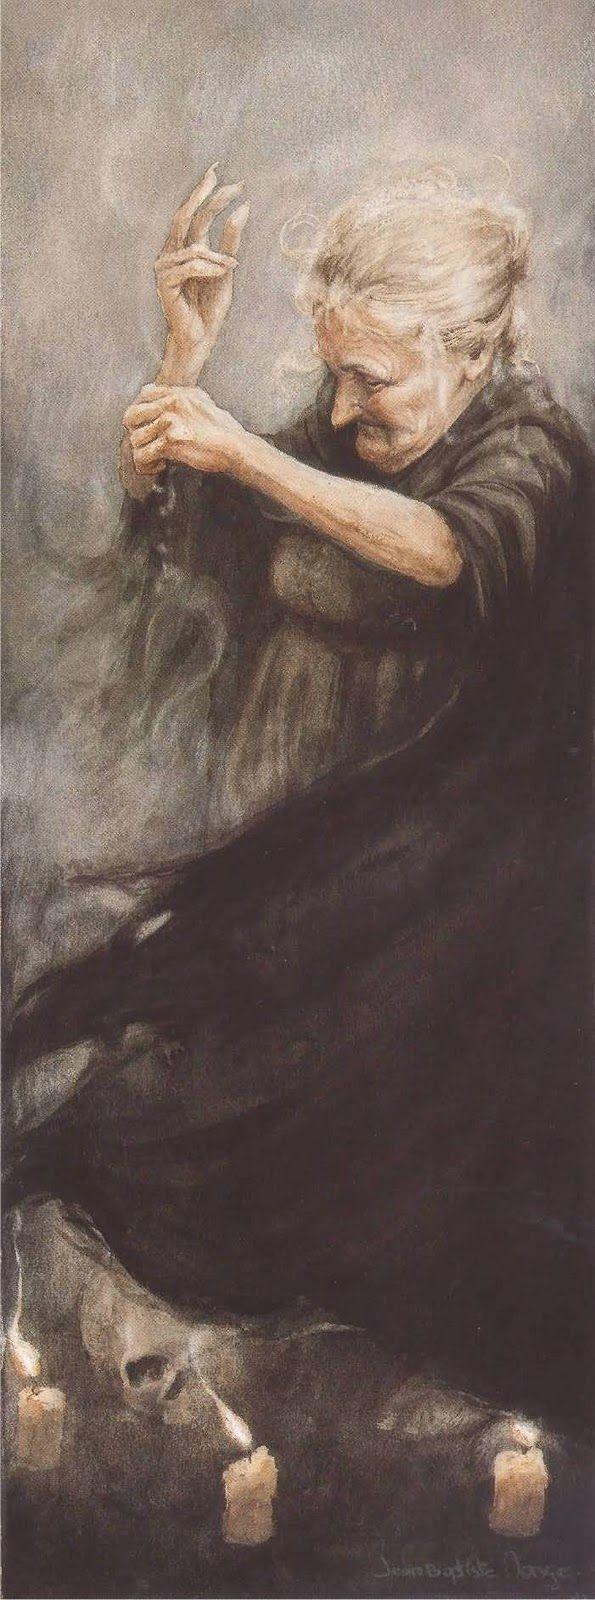 Vale do Mago: Dia das Bruxas